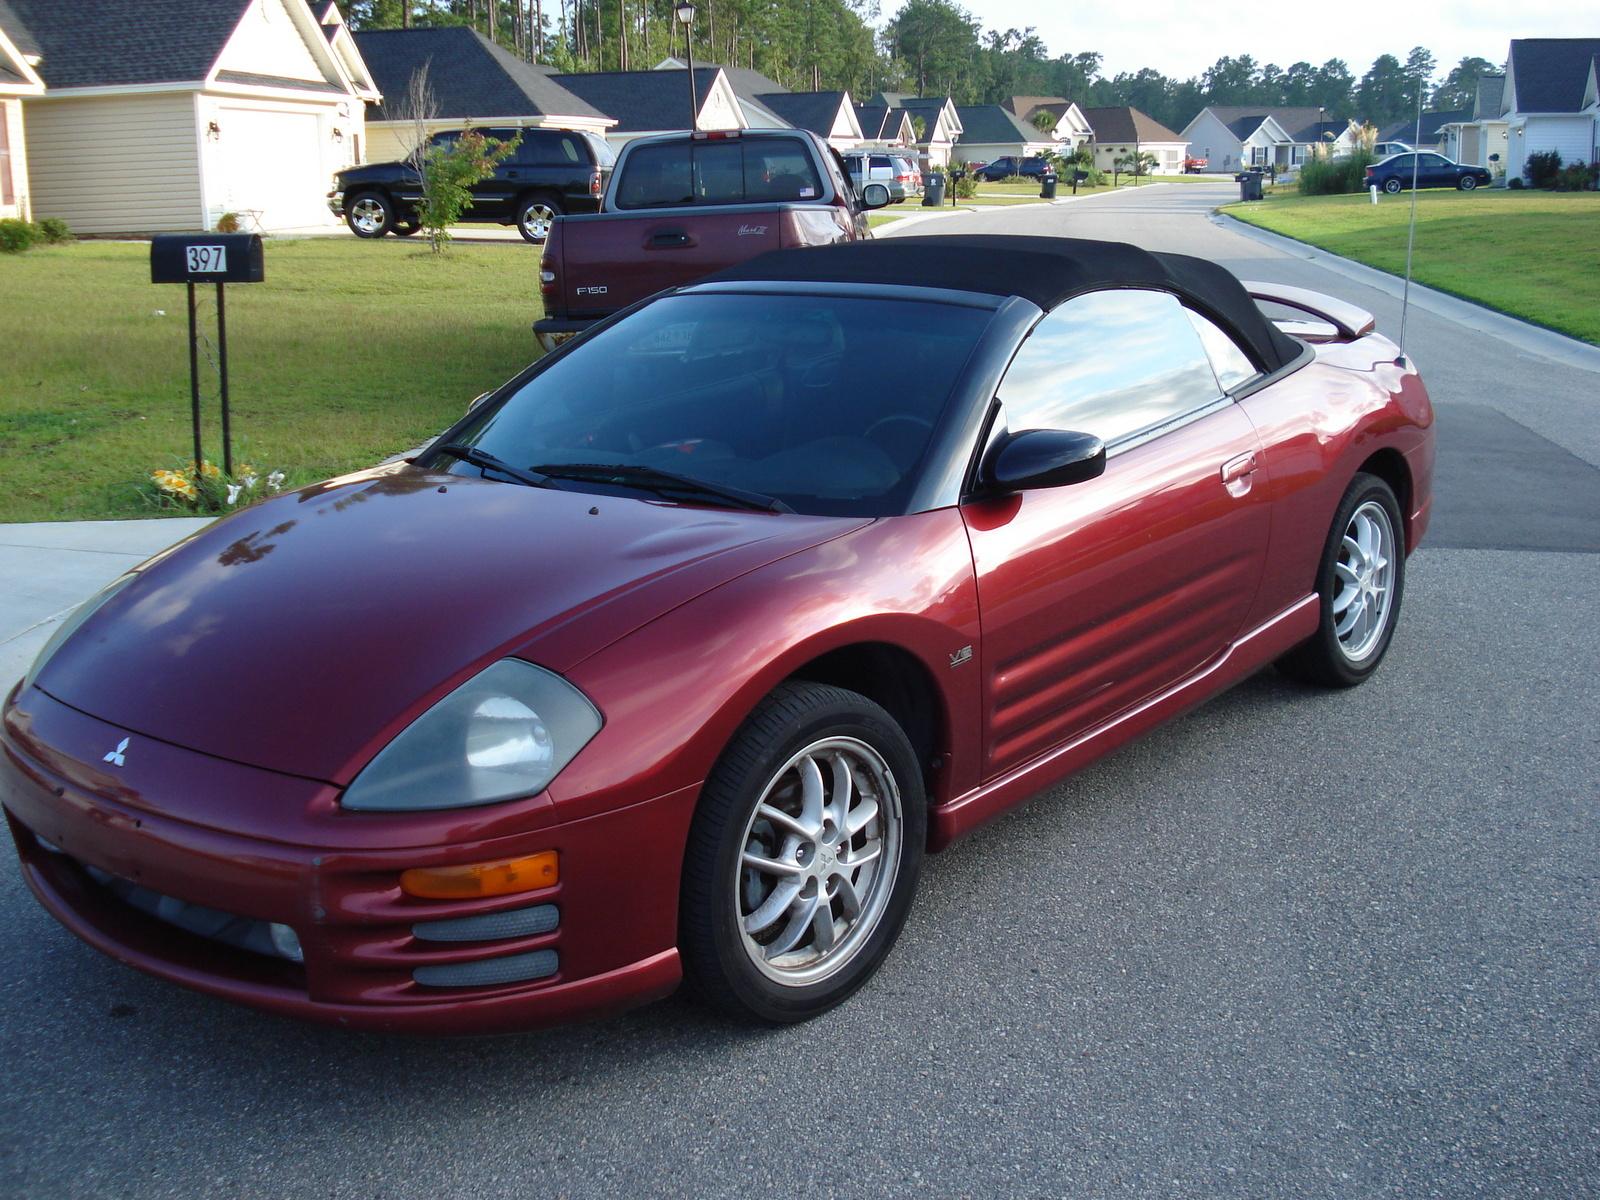 2002 Mitsubishi Eclipse Exterior Pictures Cargurus